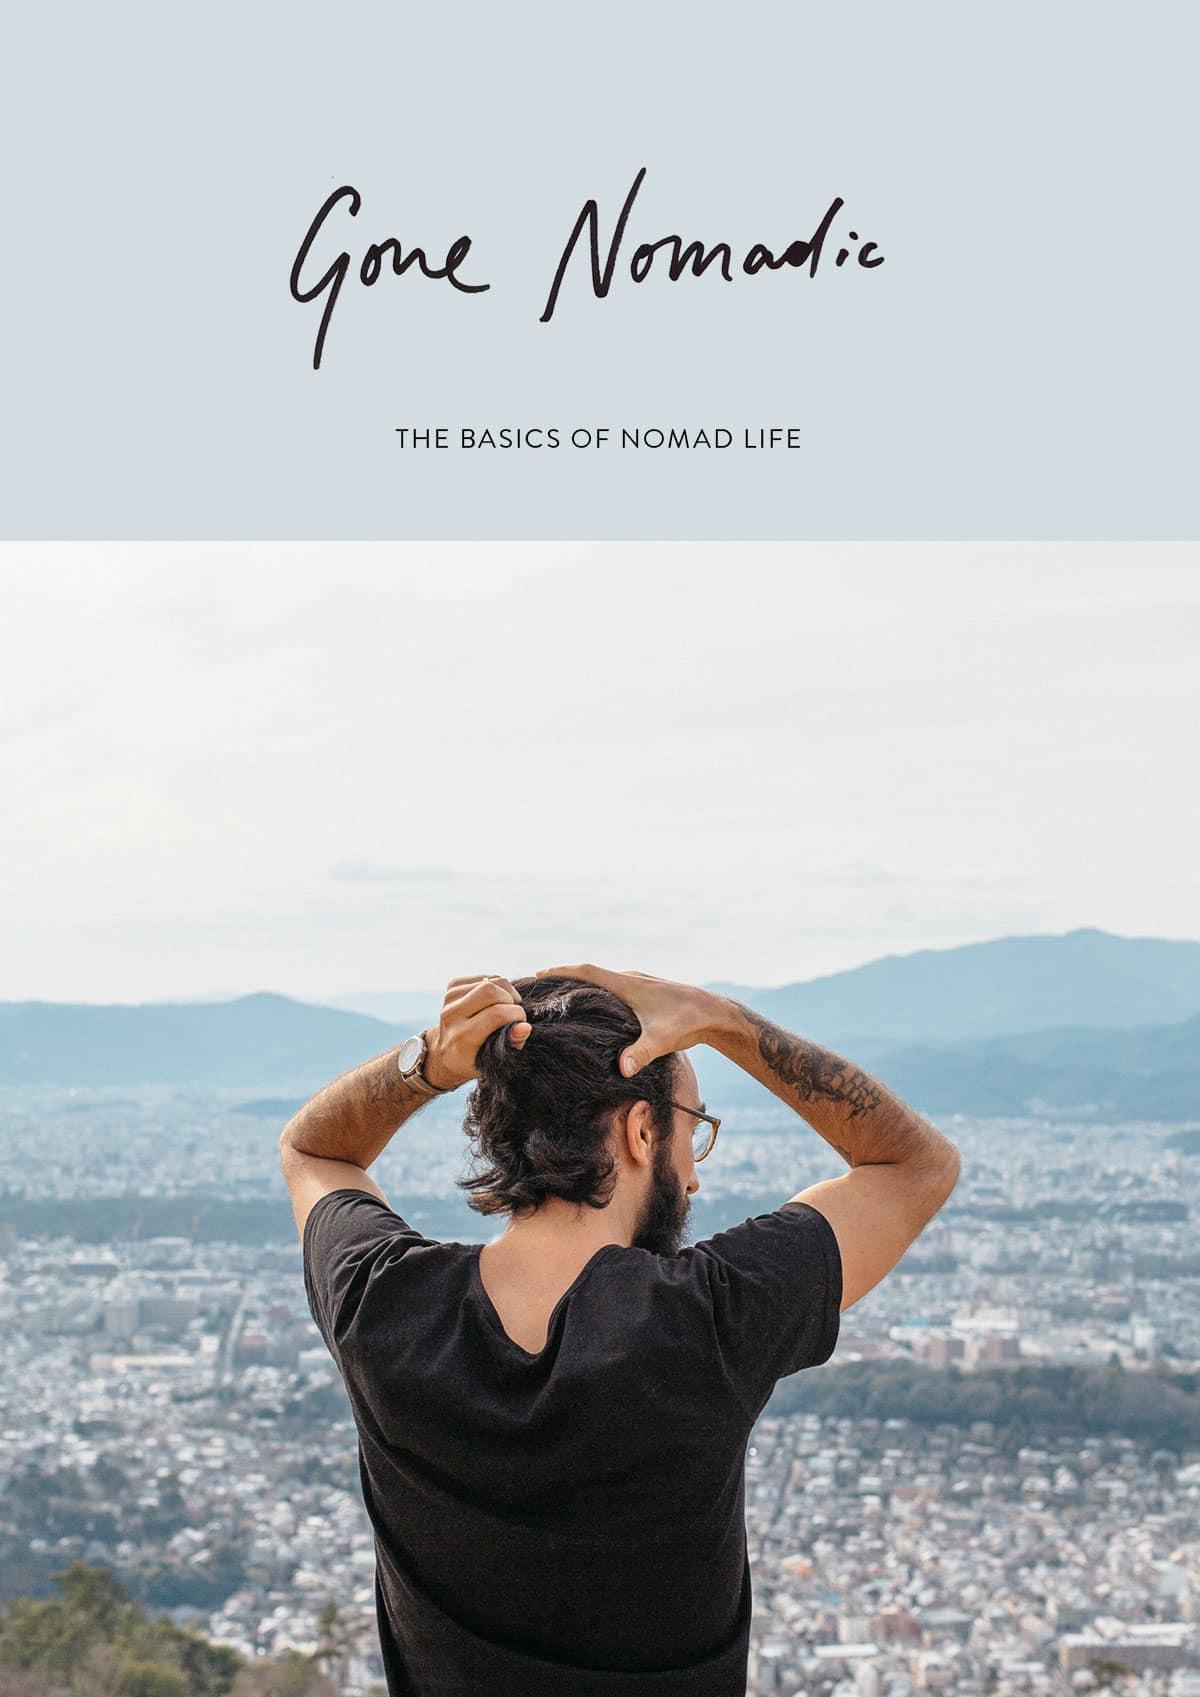 Gone-Nomadic-Vertical-File-The-Basics-Nomad-Life